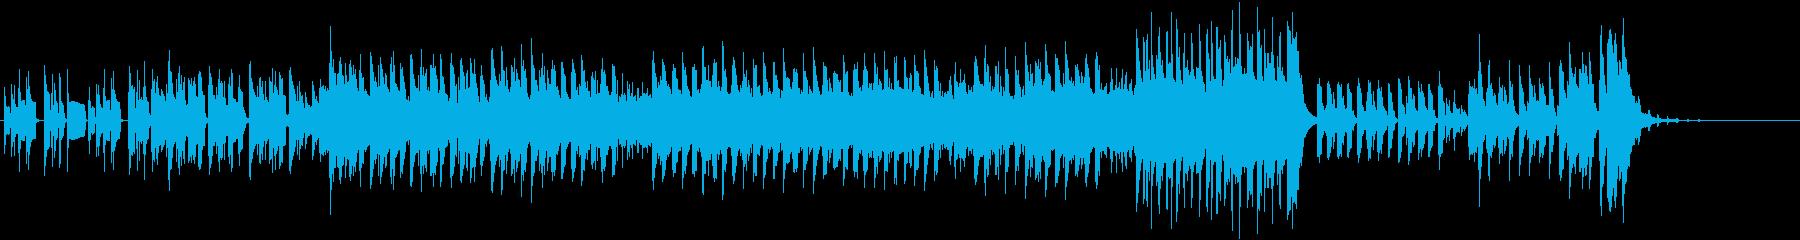 重低音しっかりOpening/BGMにもの再生済みの波形